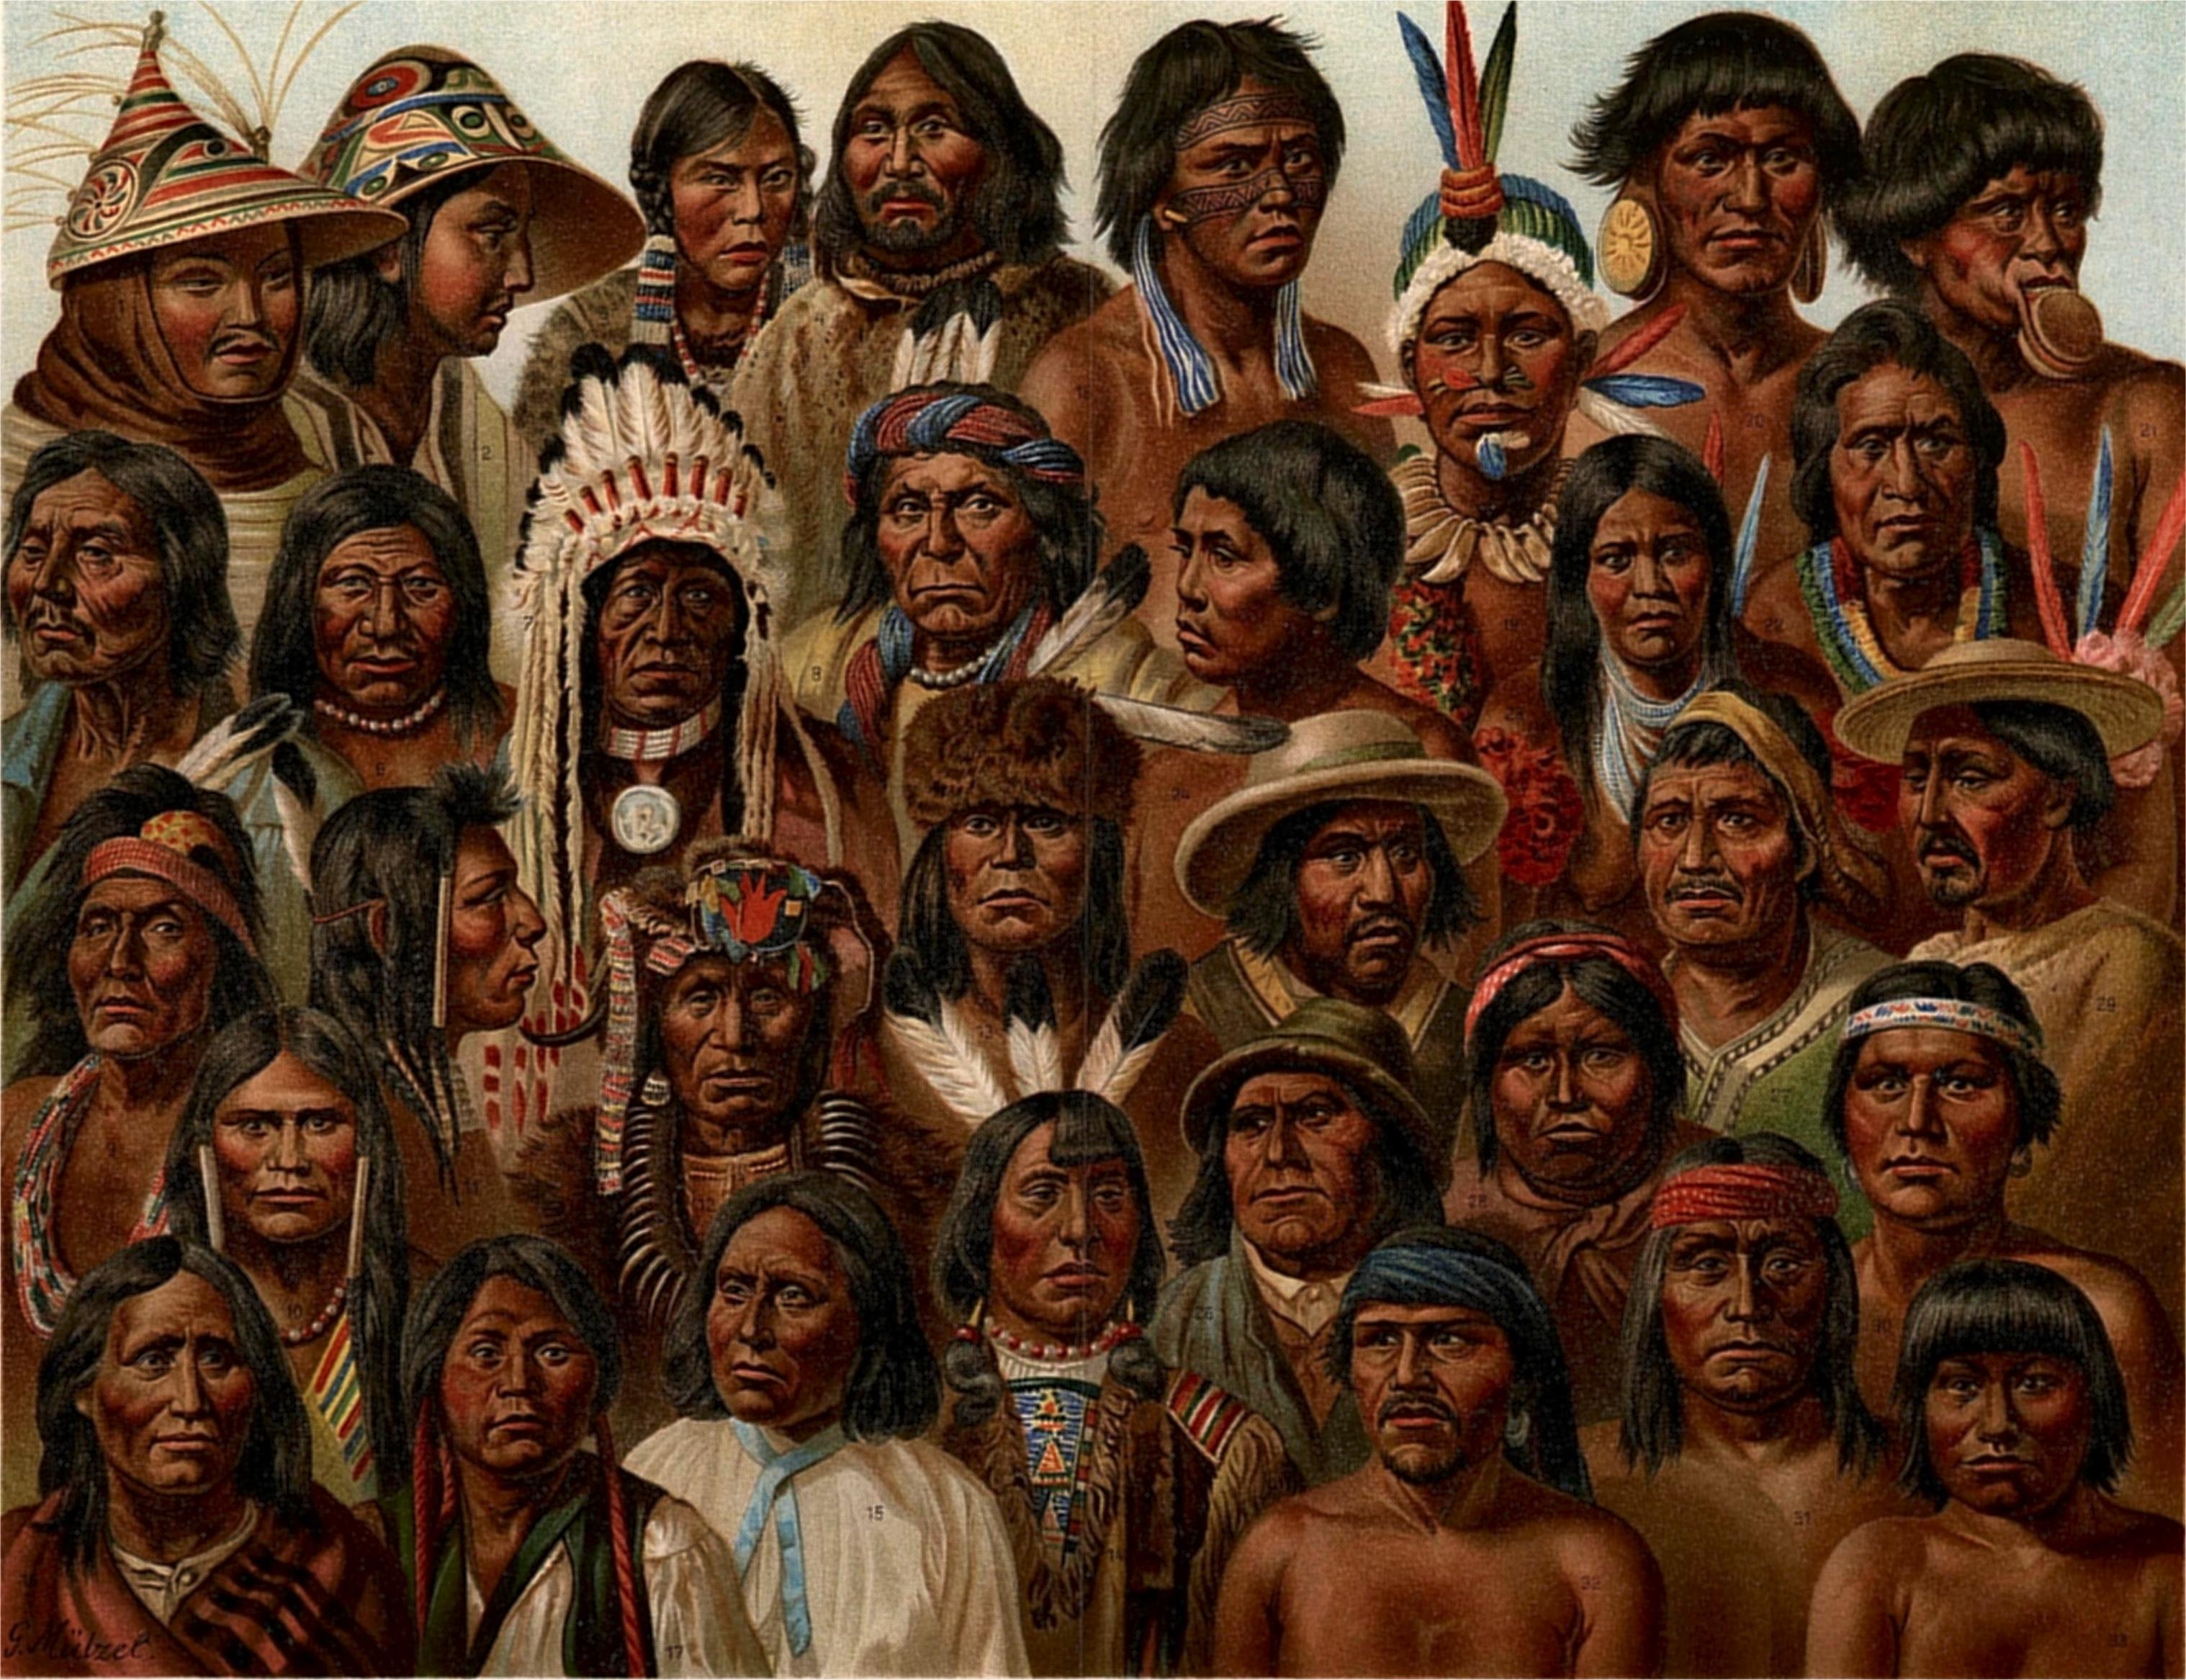 Così gli europei annientarono i nativi americani